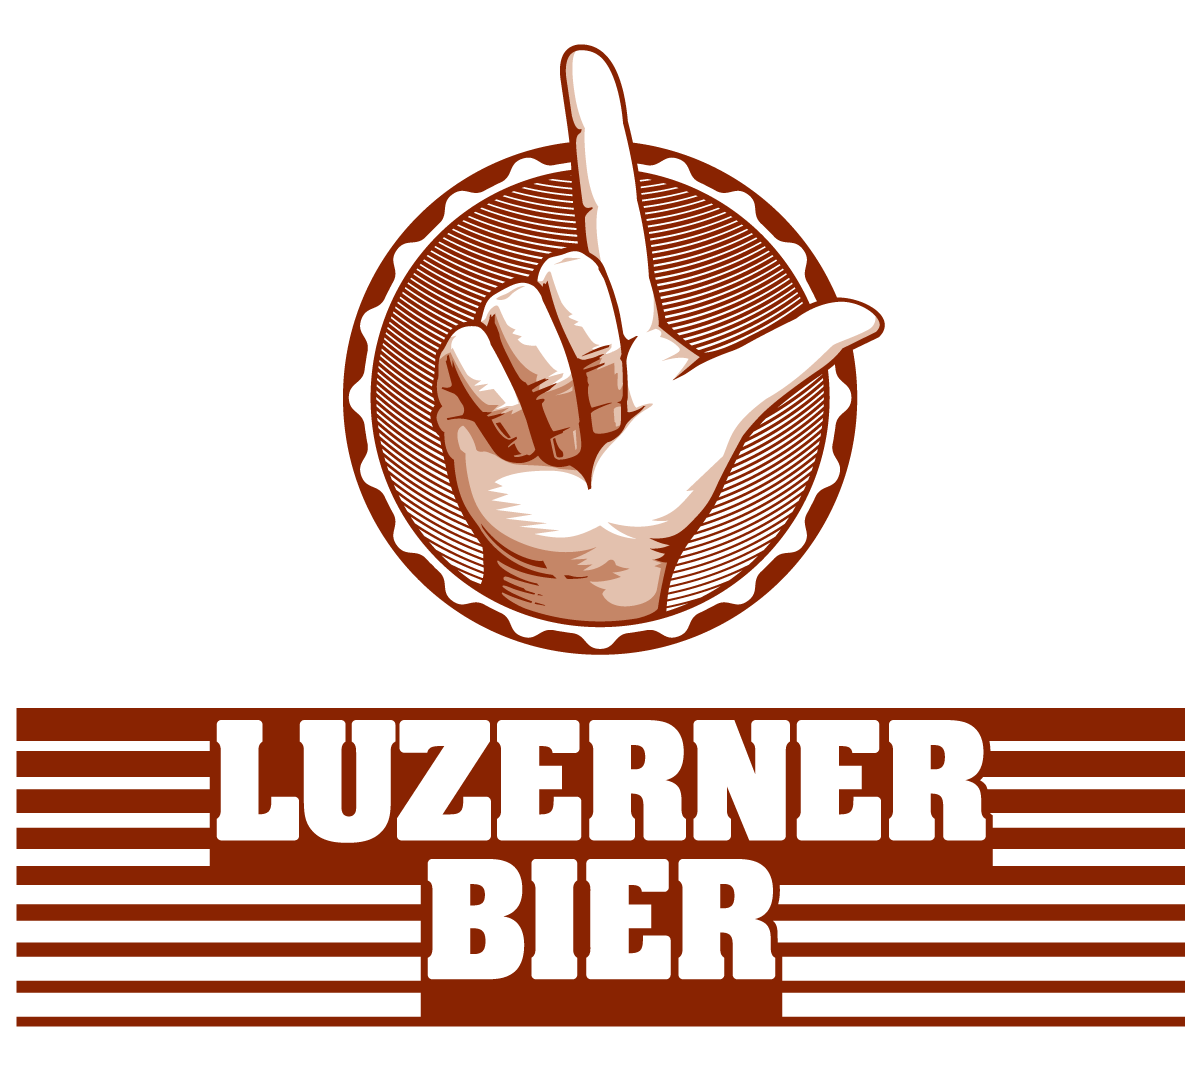 Luzerner_Bier